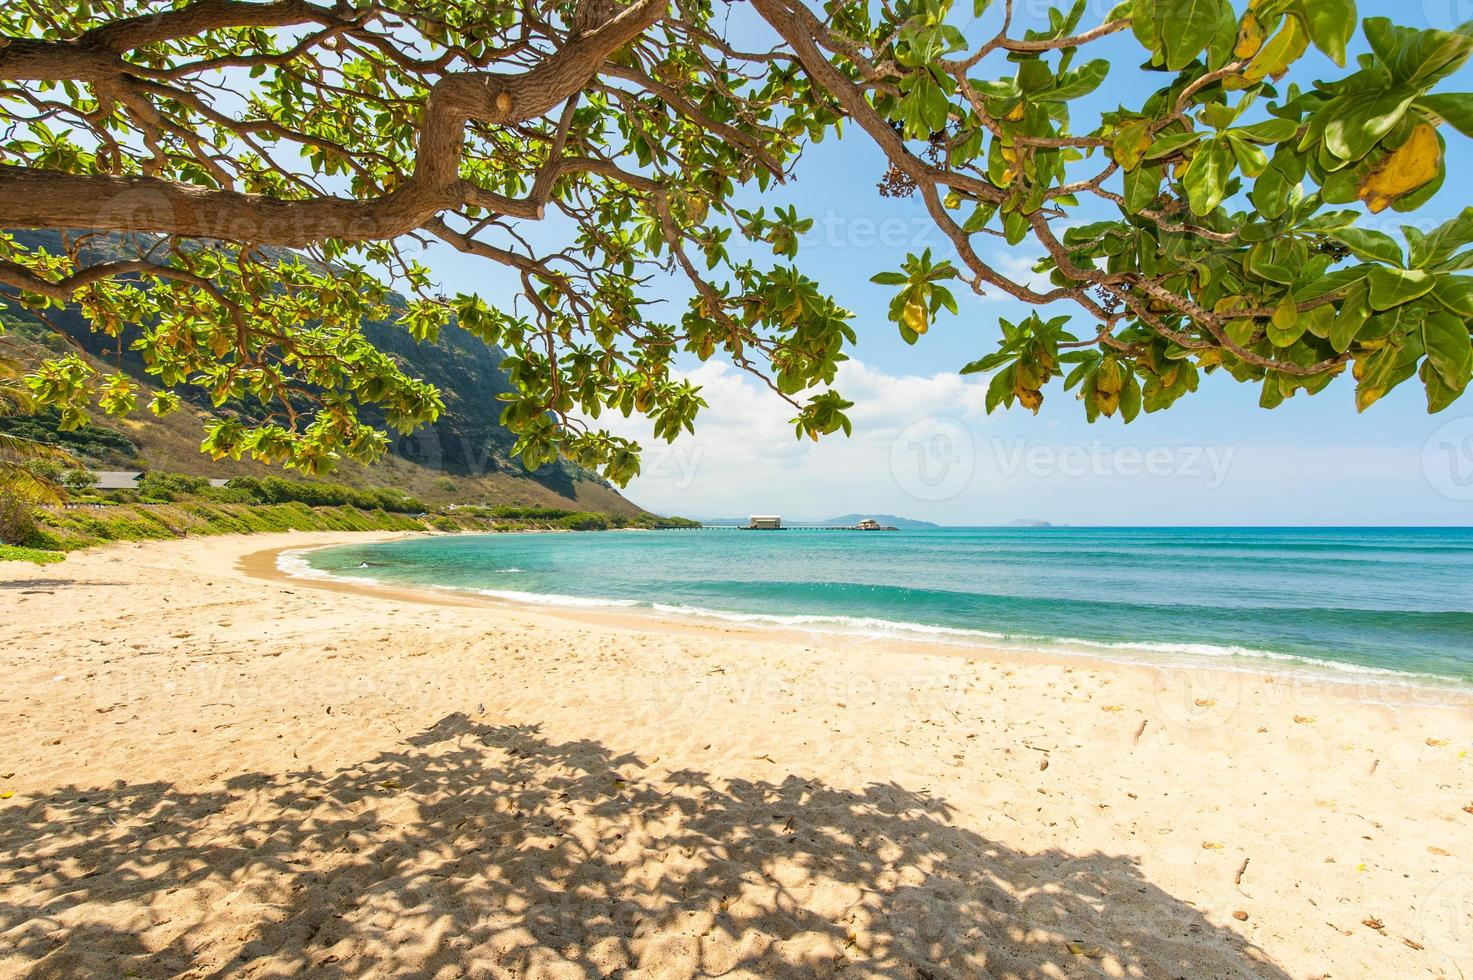 hawaiian strand med sand och berg bakgrund foto